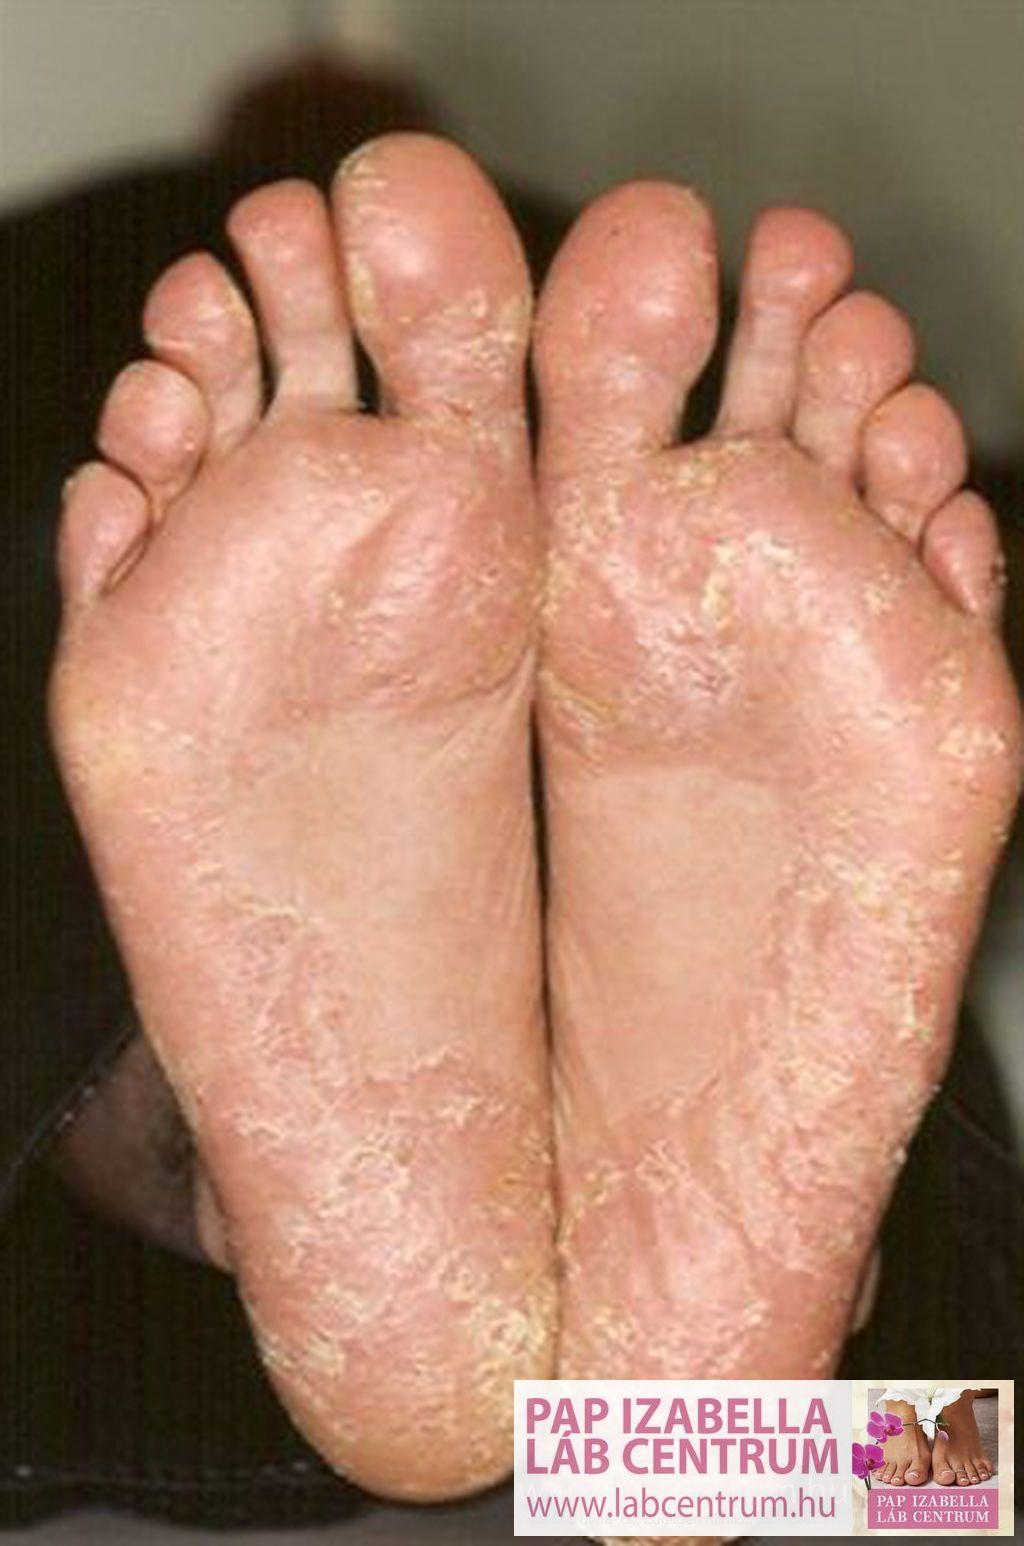 george pegano pikkelysömör kezelése pikkelyes vörös kerek foltok a lábakon